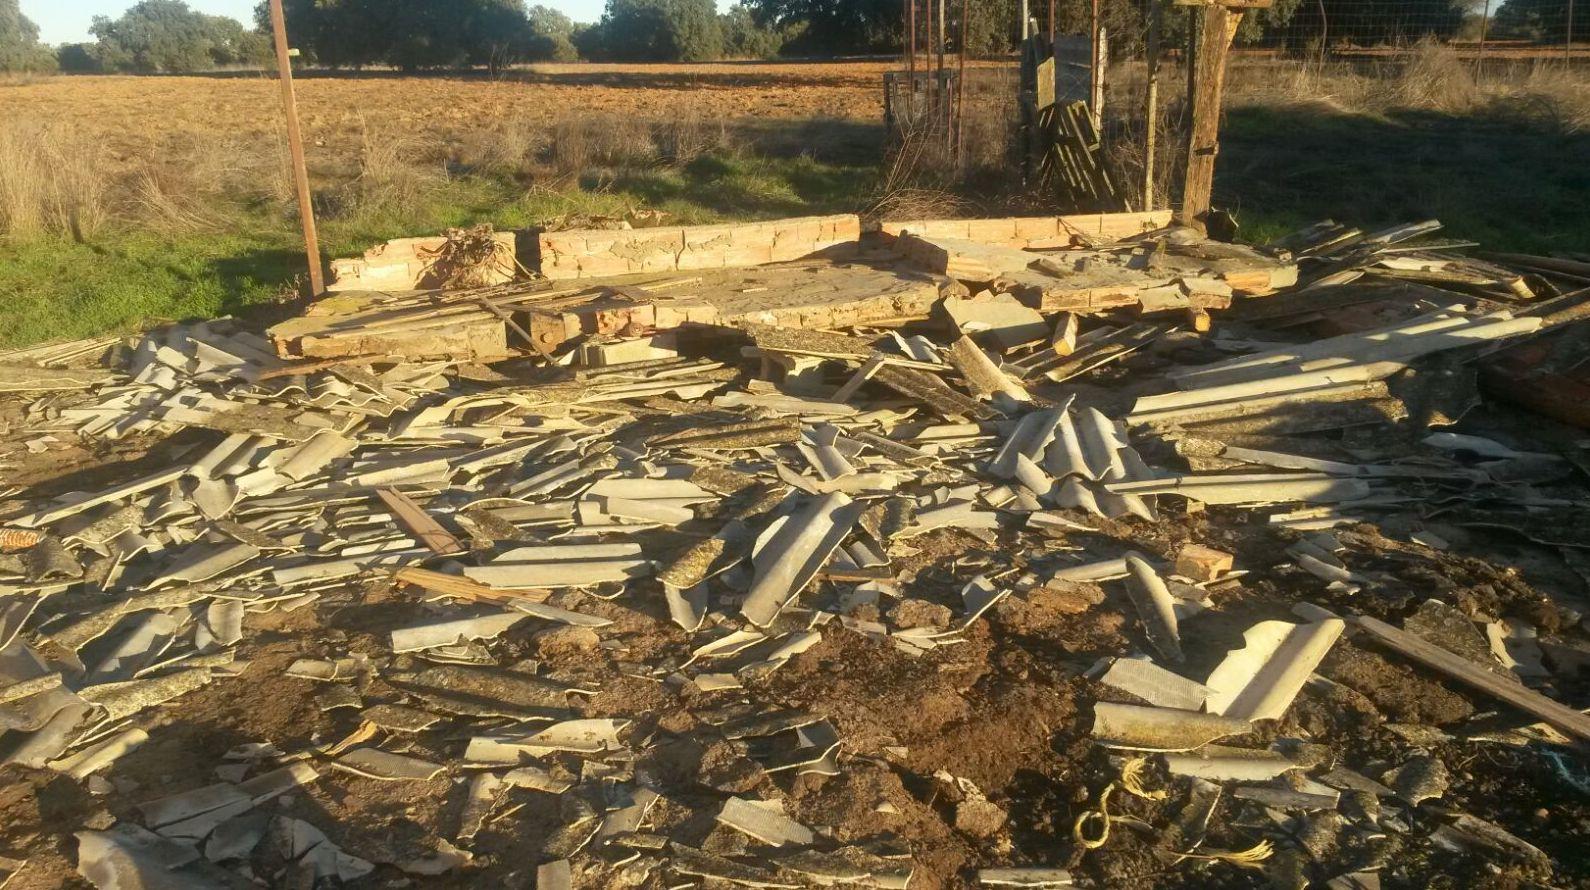 Escombros de amianto en Benavente